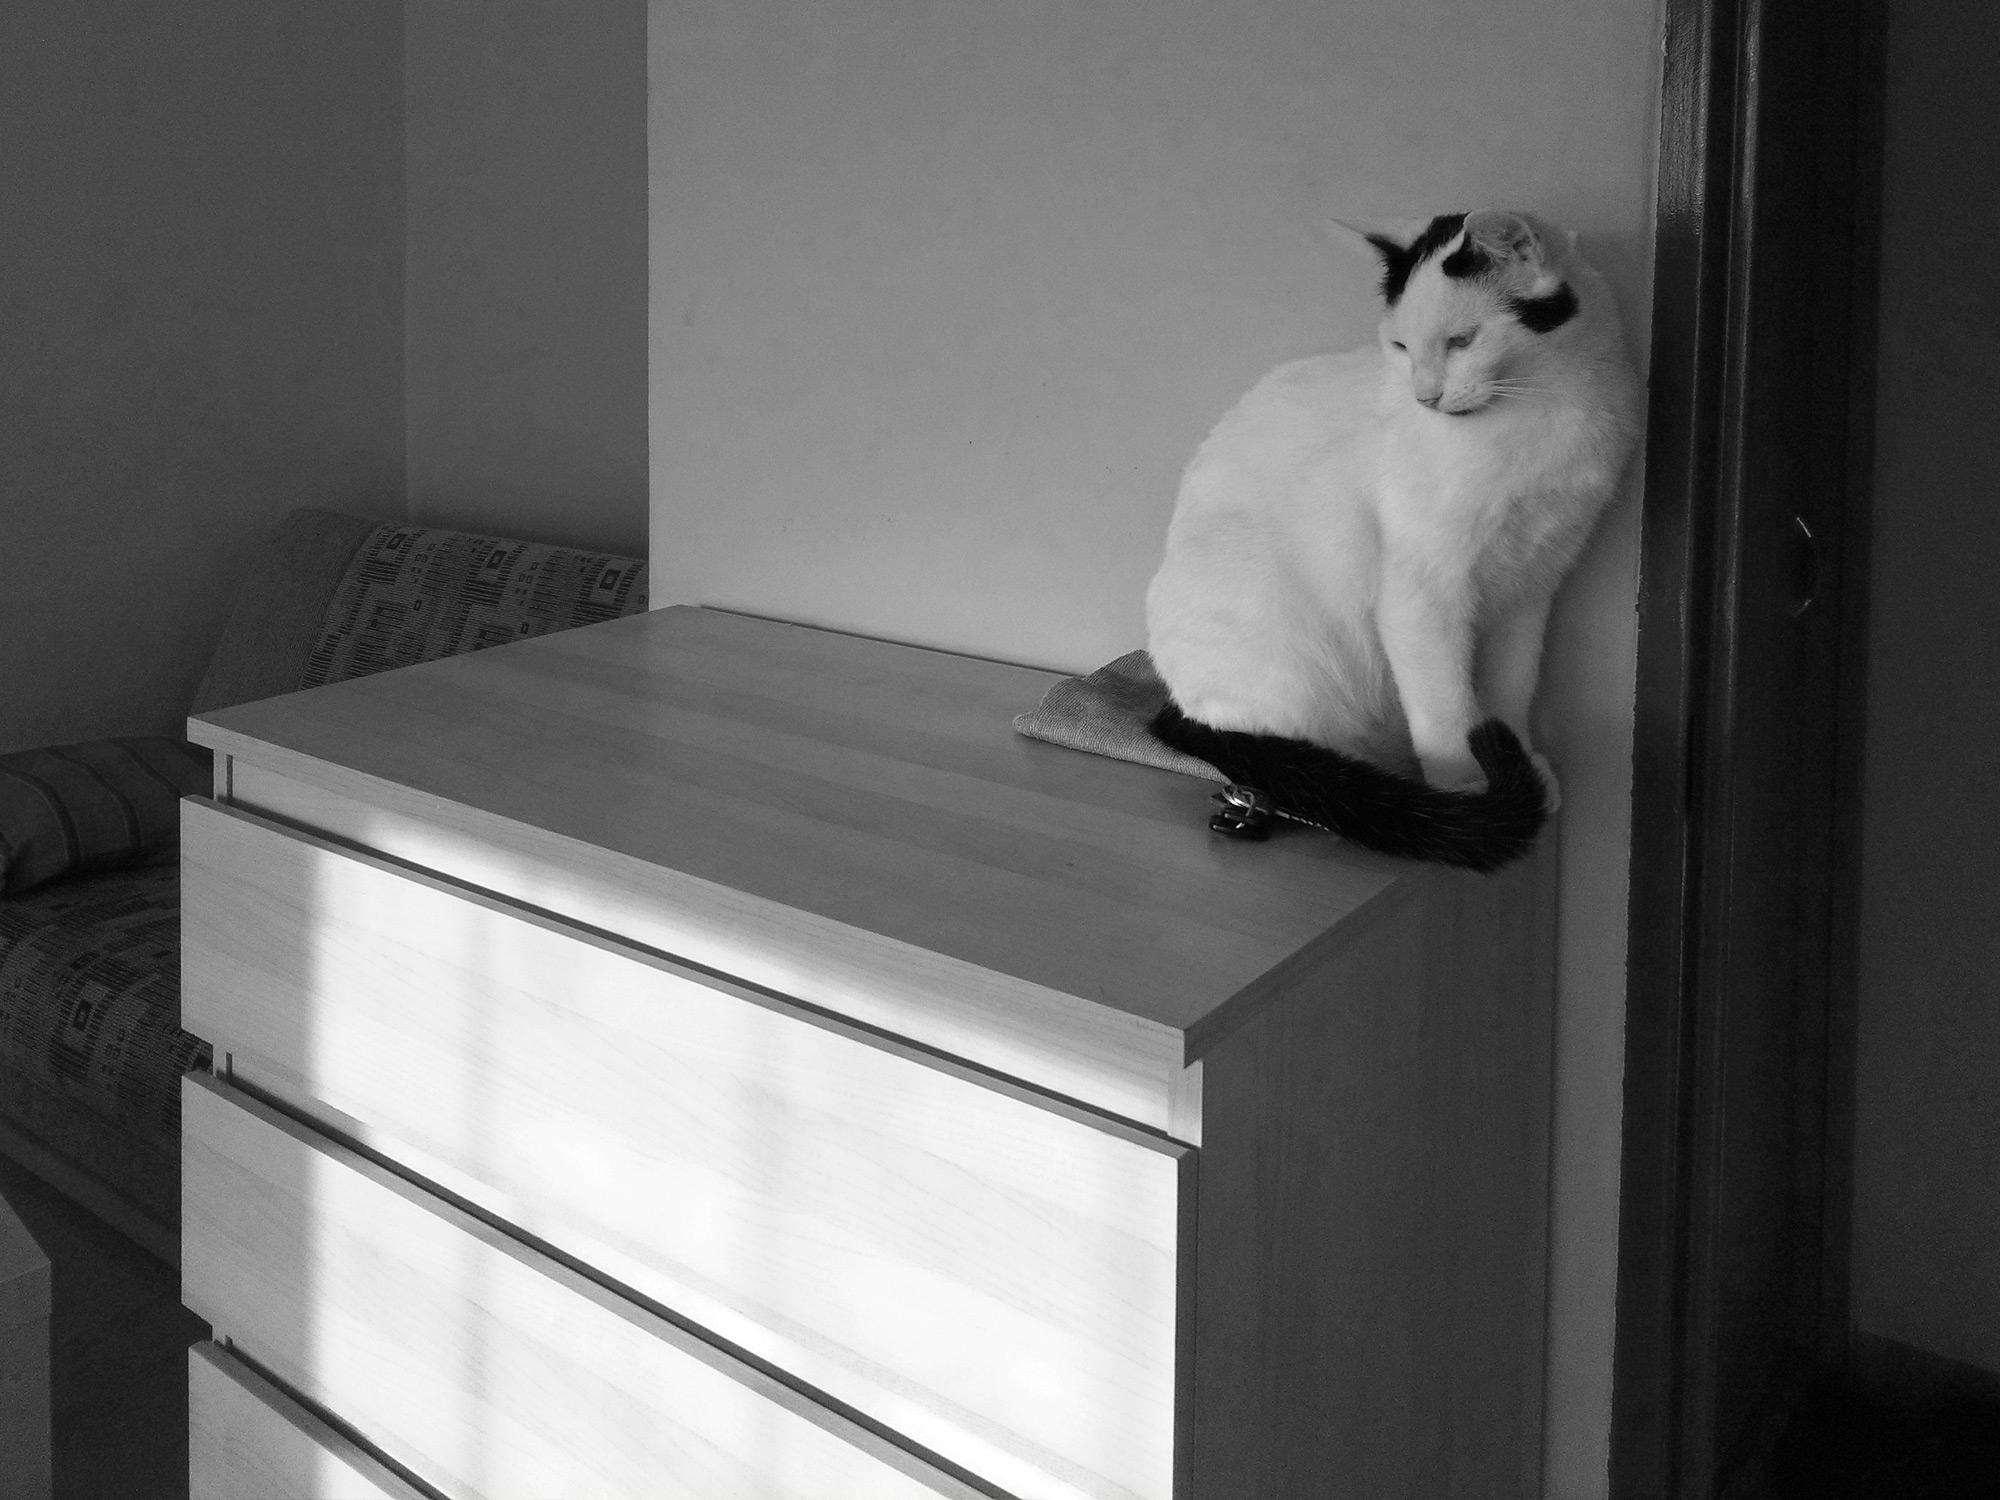 il gatto è seduto e pensa